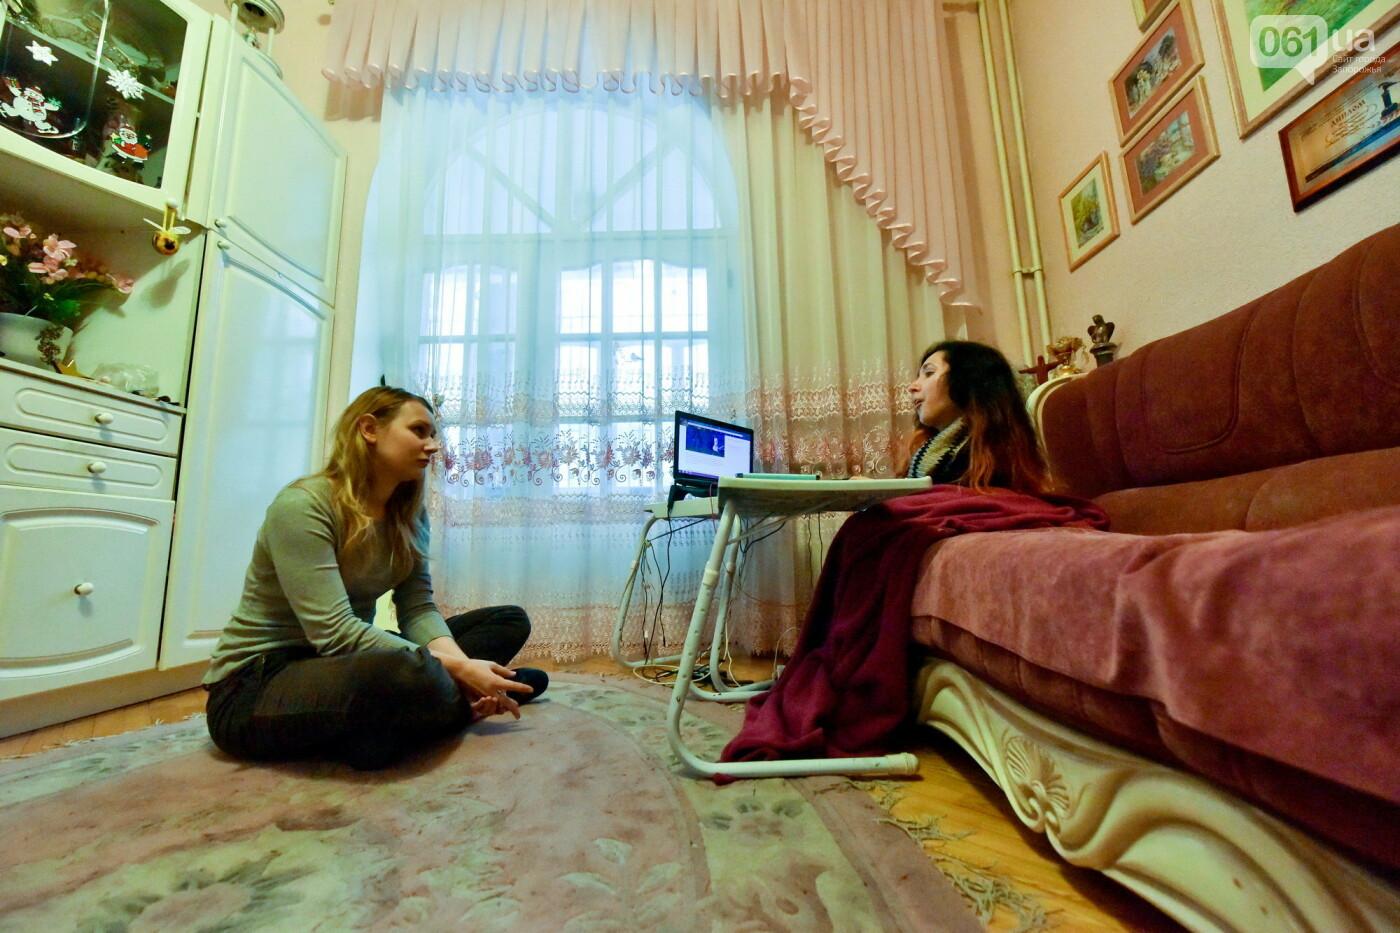 """Марианна с инвалидностью, которую не взяли на TV: """"Лет до 14 мне вообще было пофиг, что я не хожу"""", фото-22"""